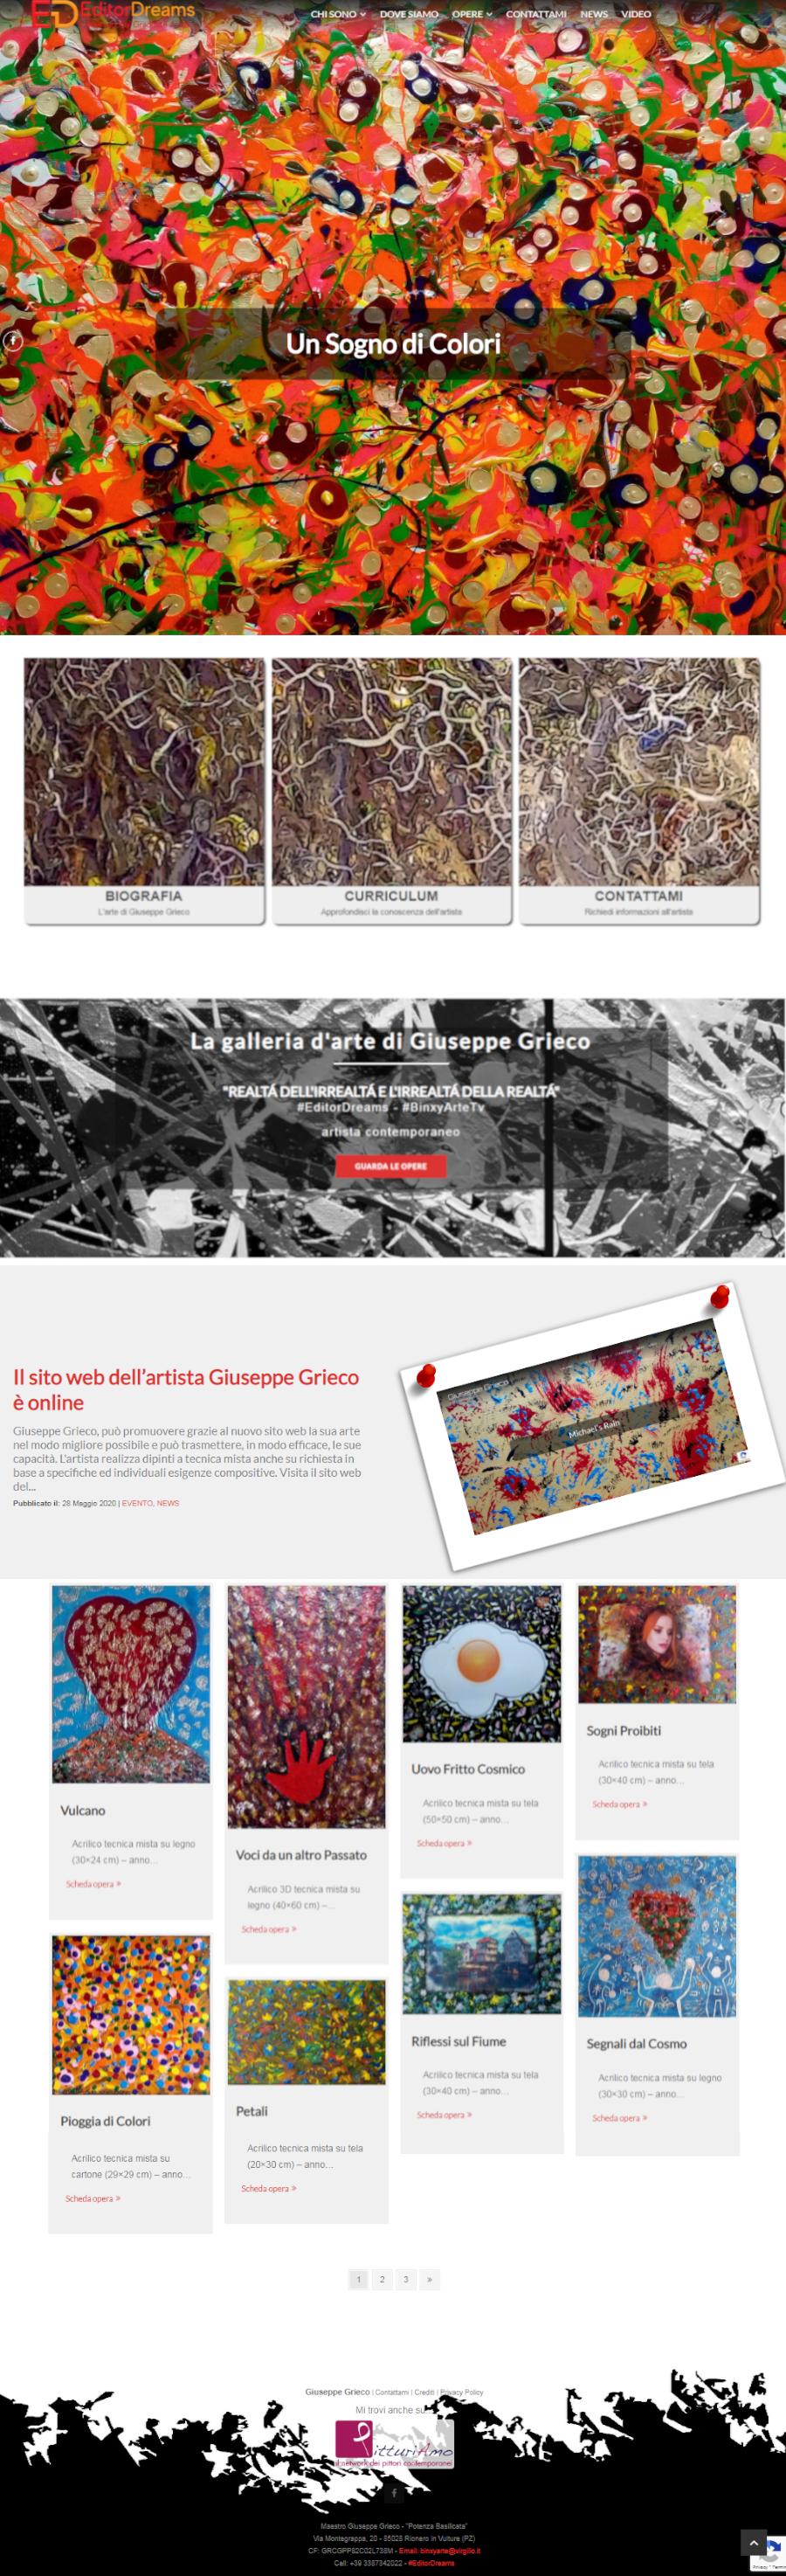 Sito web dell'artista Giuseppe Grieco - Homepage